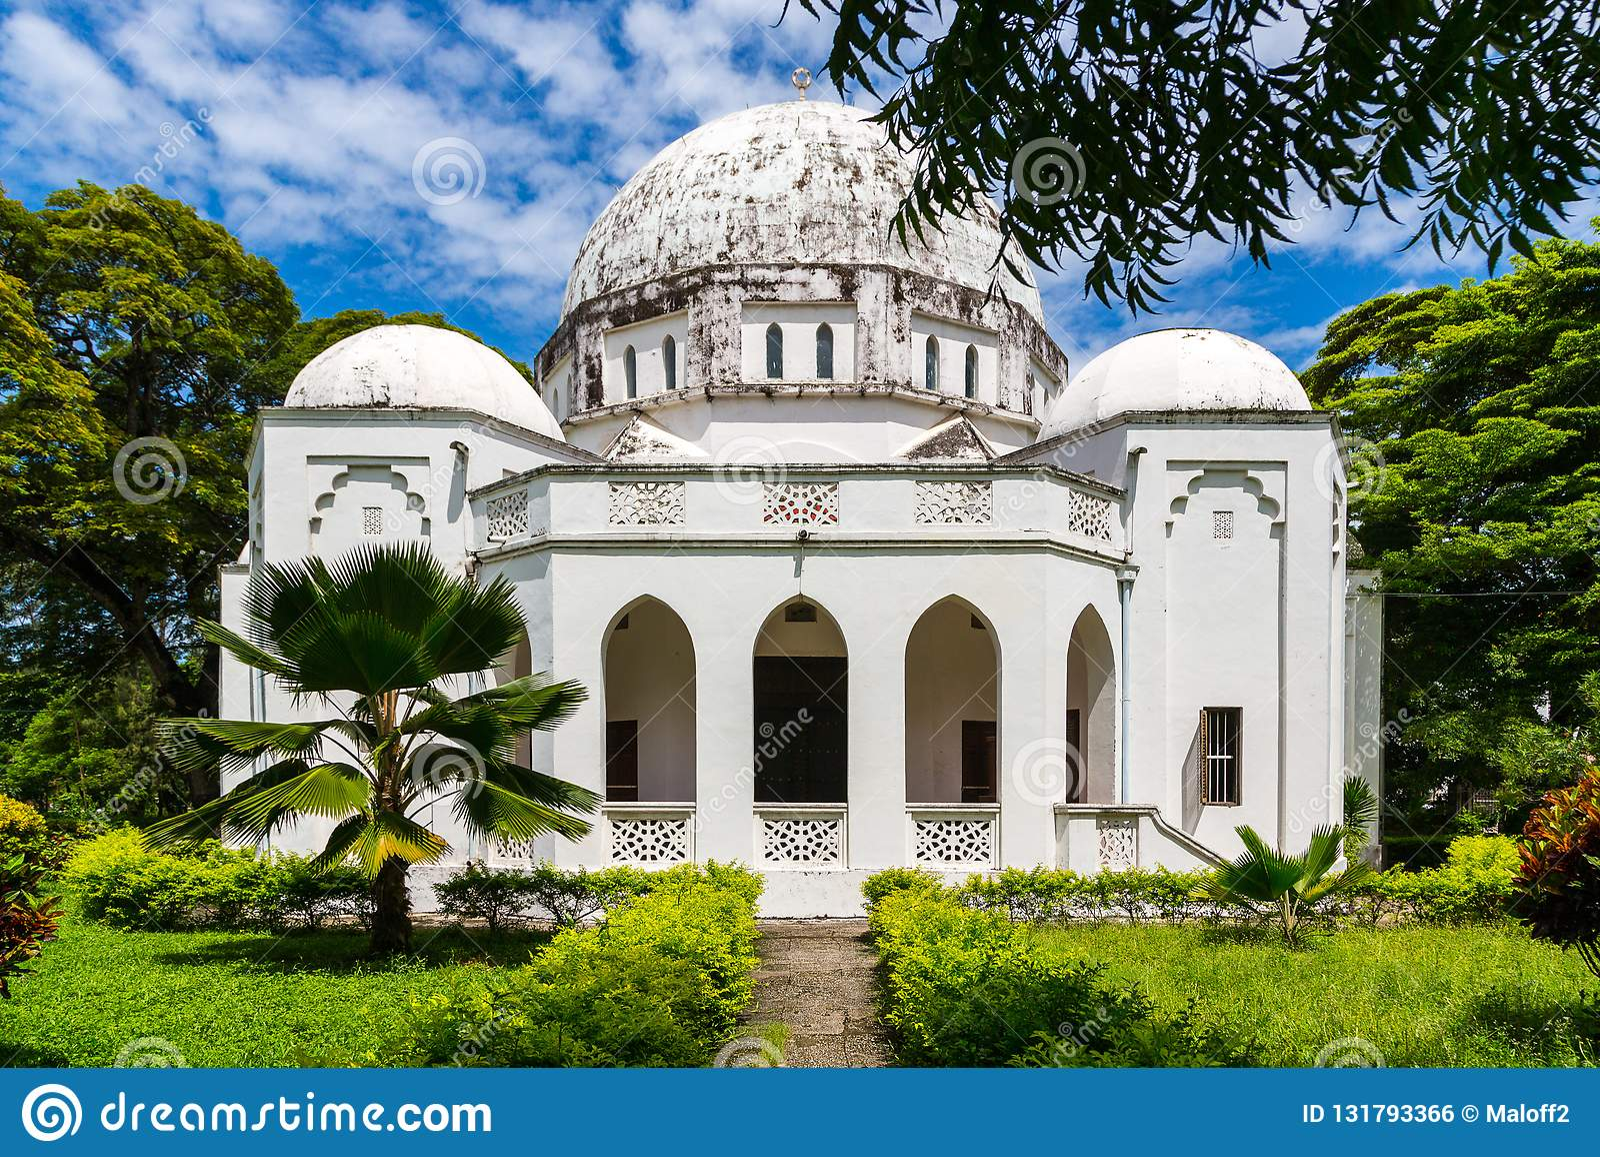 Minnes- museum Beit el Amani för fred Benjamin Mkapa väg, stenstad, Zanzibar stad, Unguja ö, Tanzania